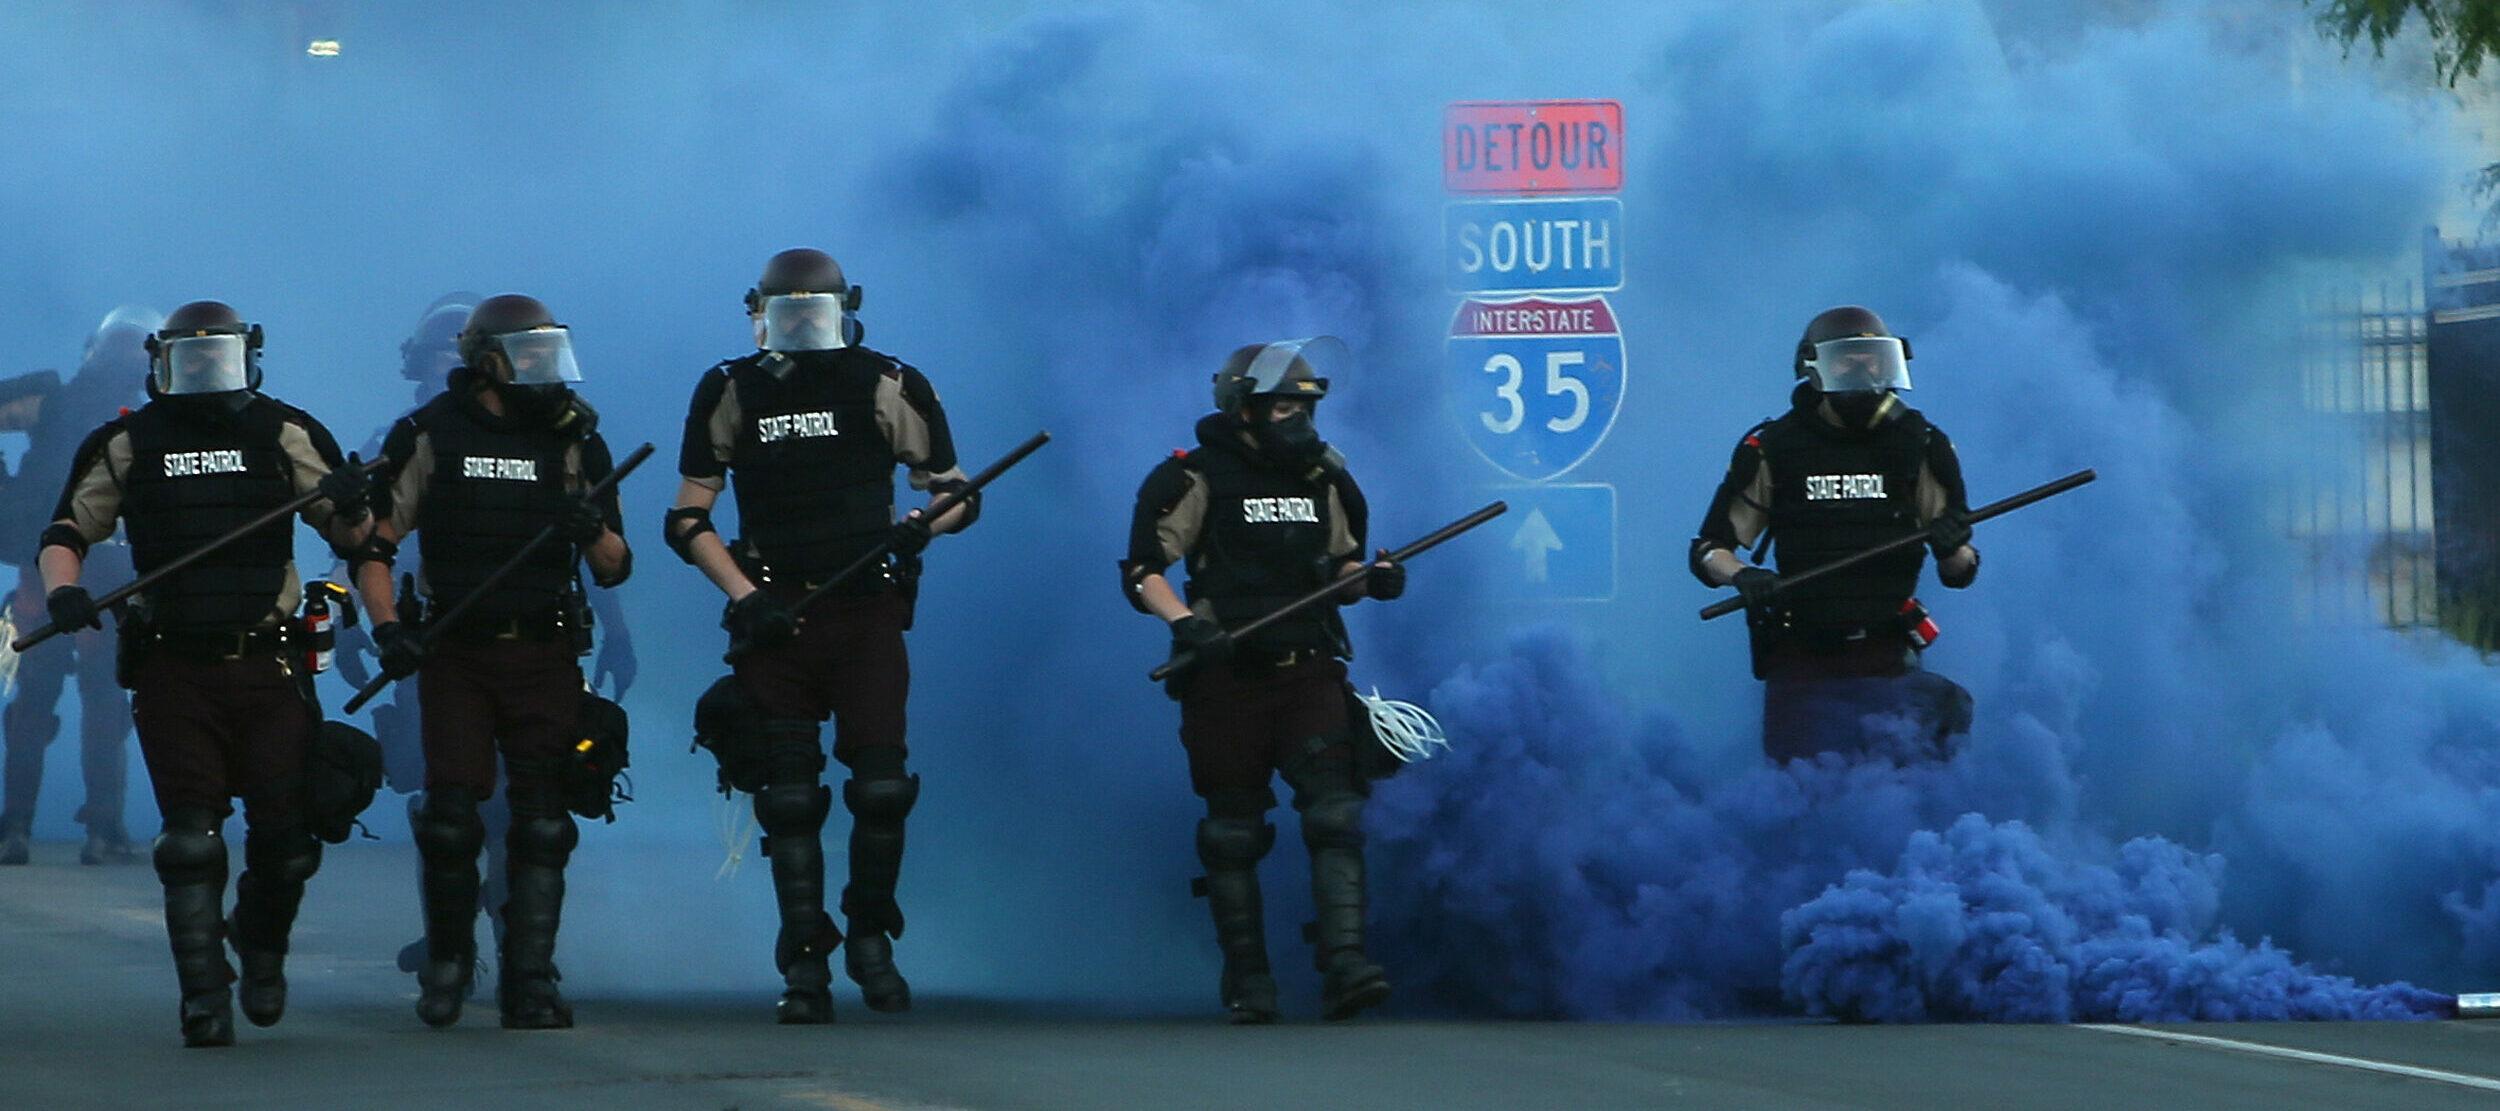 « D'une aspiration utopique à un programme réalisable » : Entretien avec Kristian Williams sur l'abolition de la police